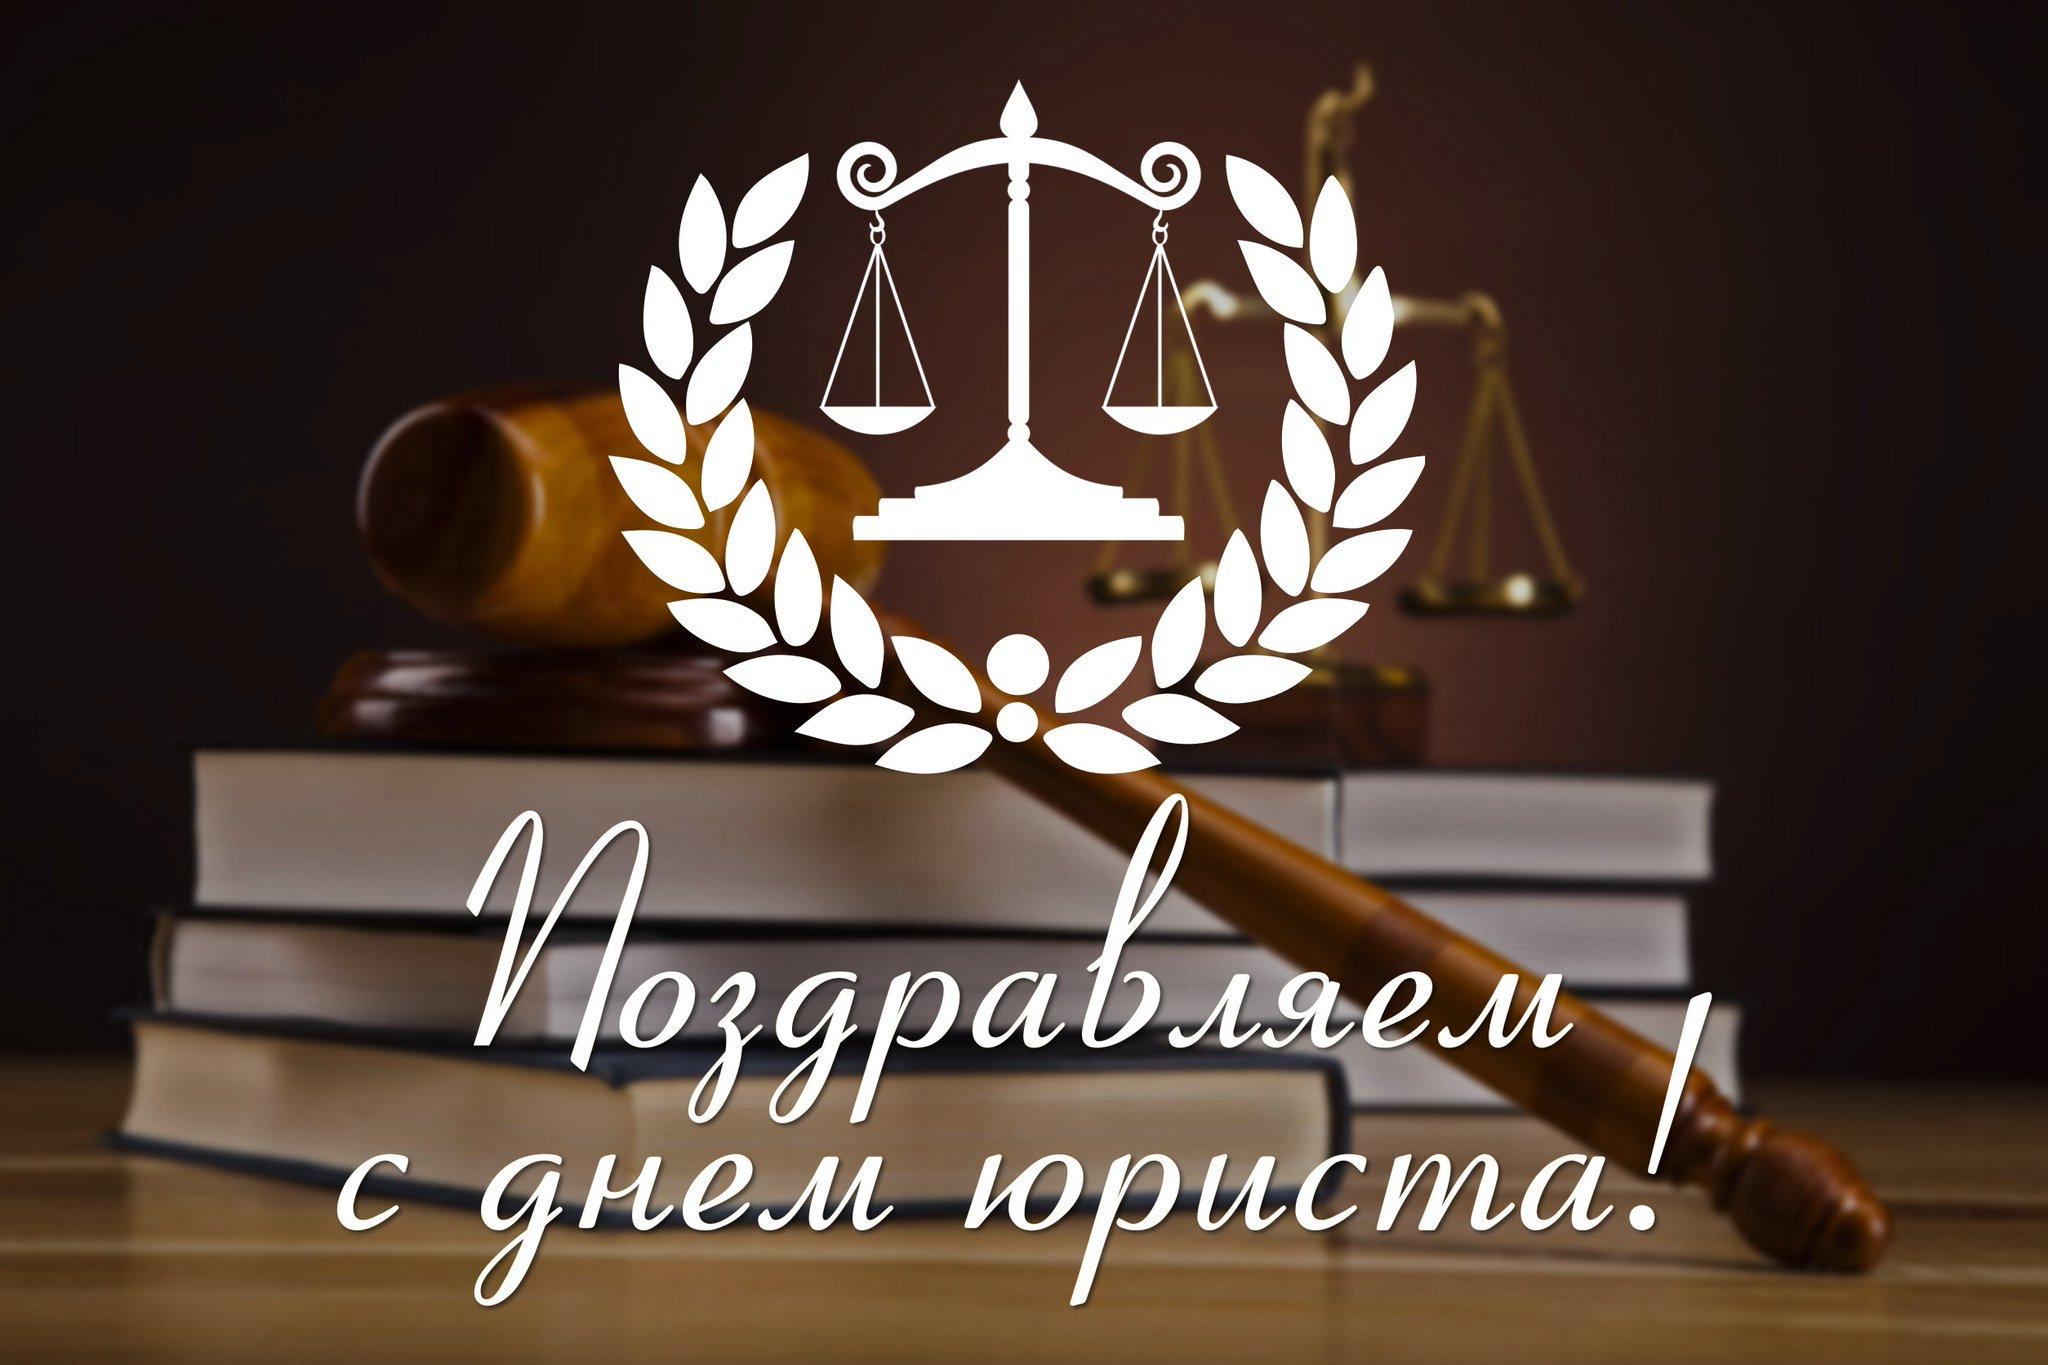 изображение открытки ко дню юриста в россии кланяюсь